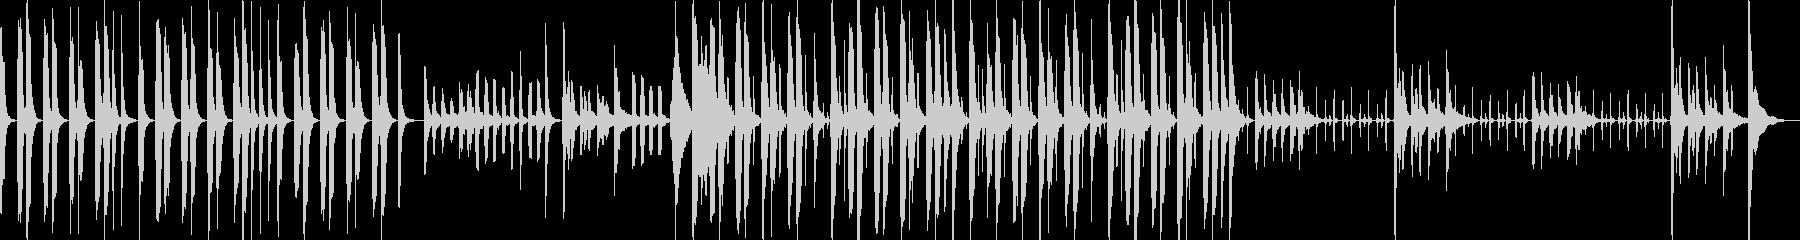 ピアノ・木琴などの静かめでコミカルな曲の未再生の波形